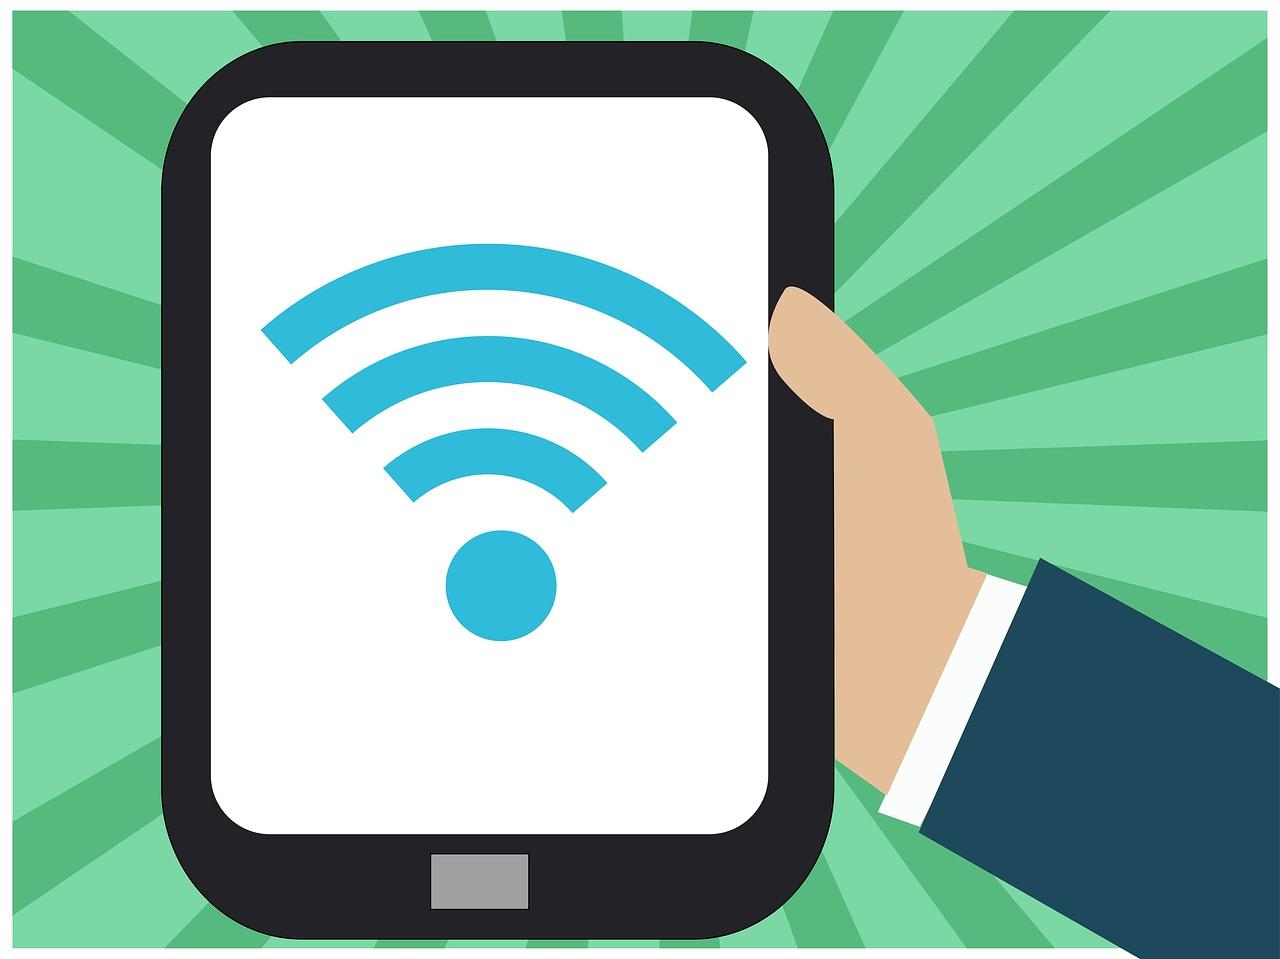 【Android】スマホの Wi-fiが切れる時の確認ポイント